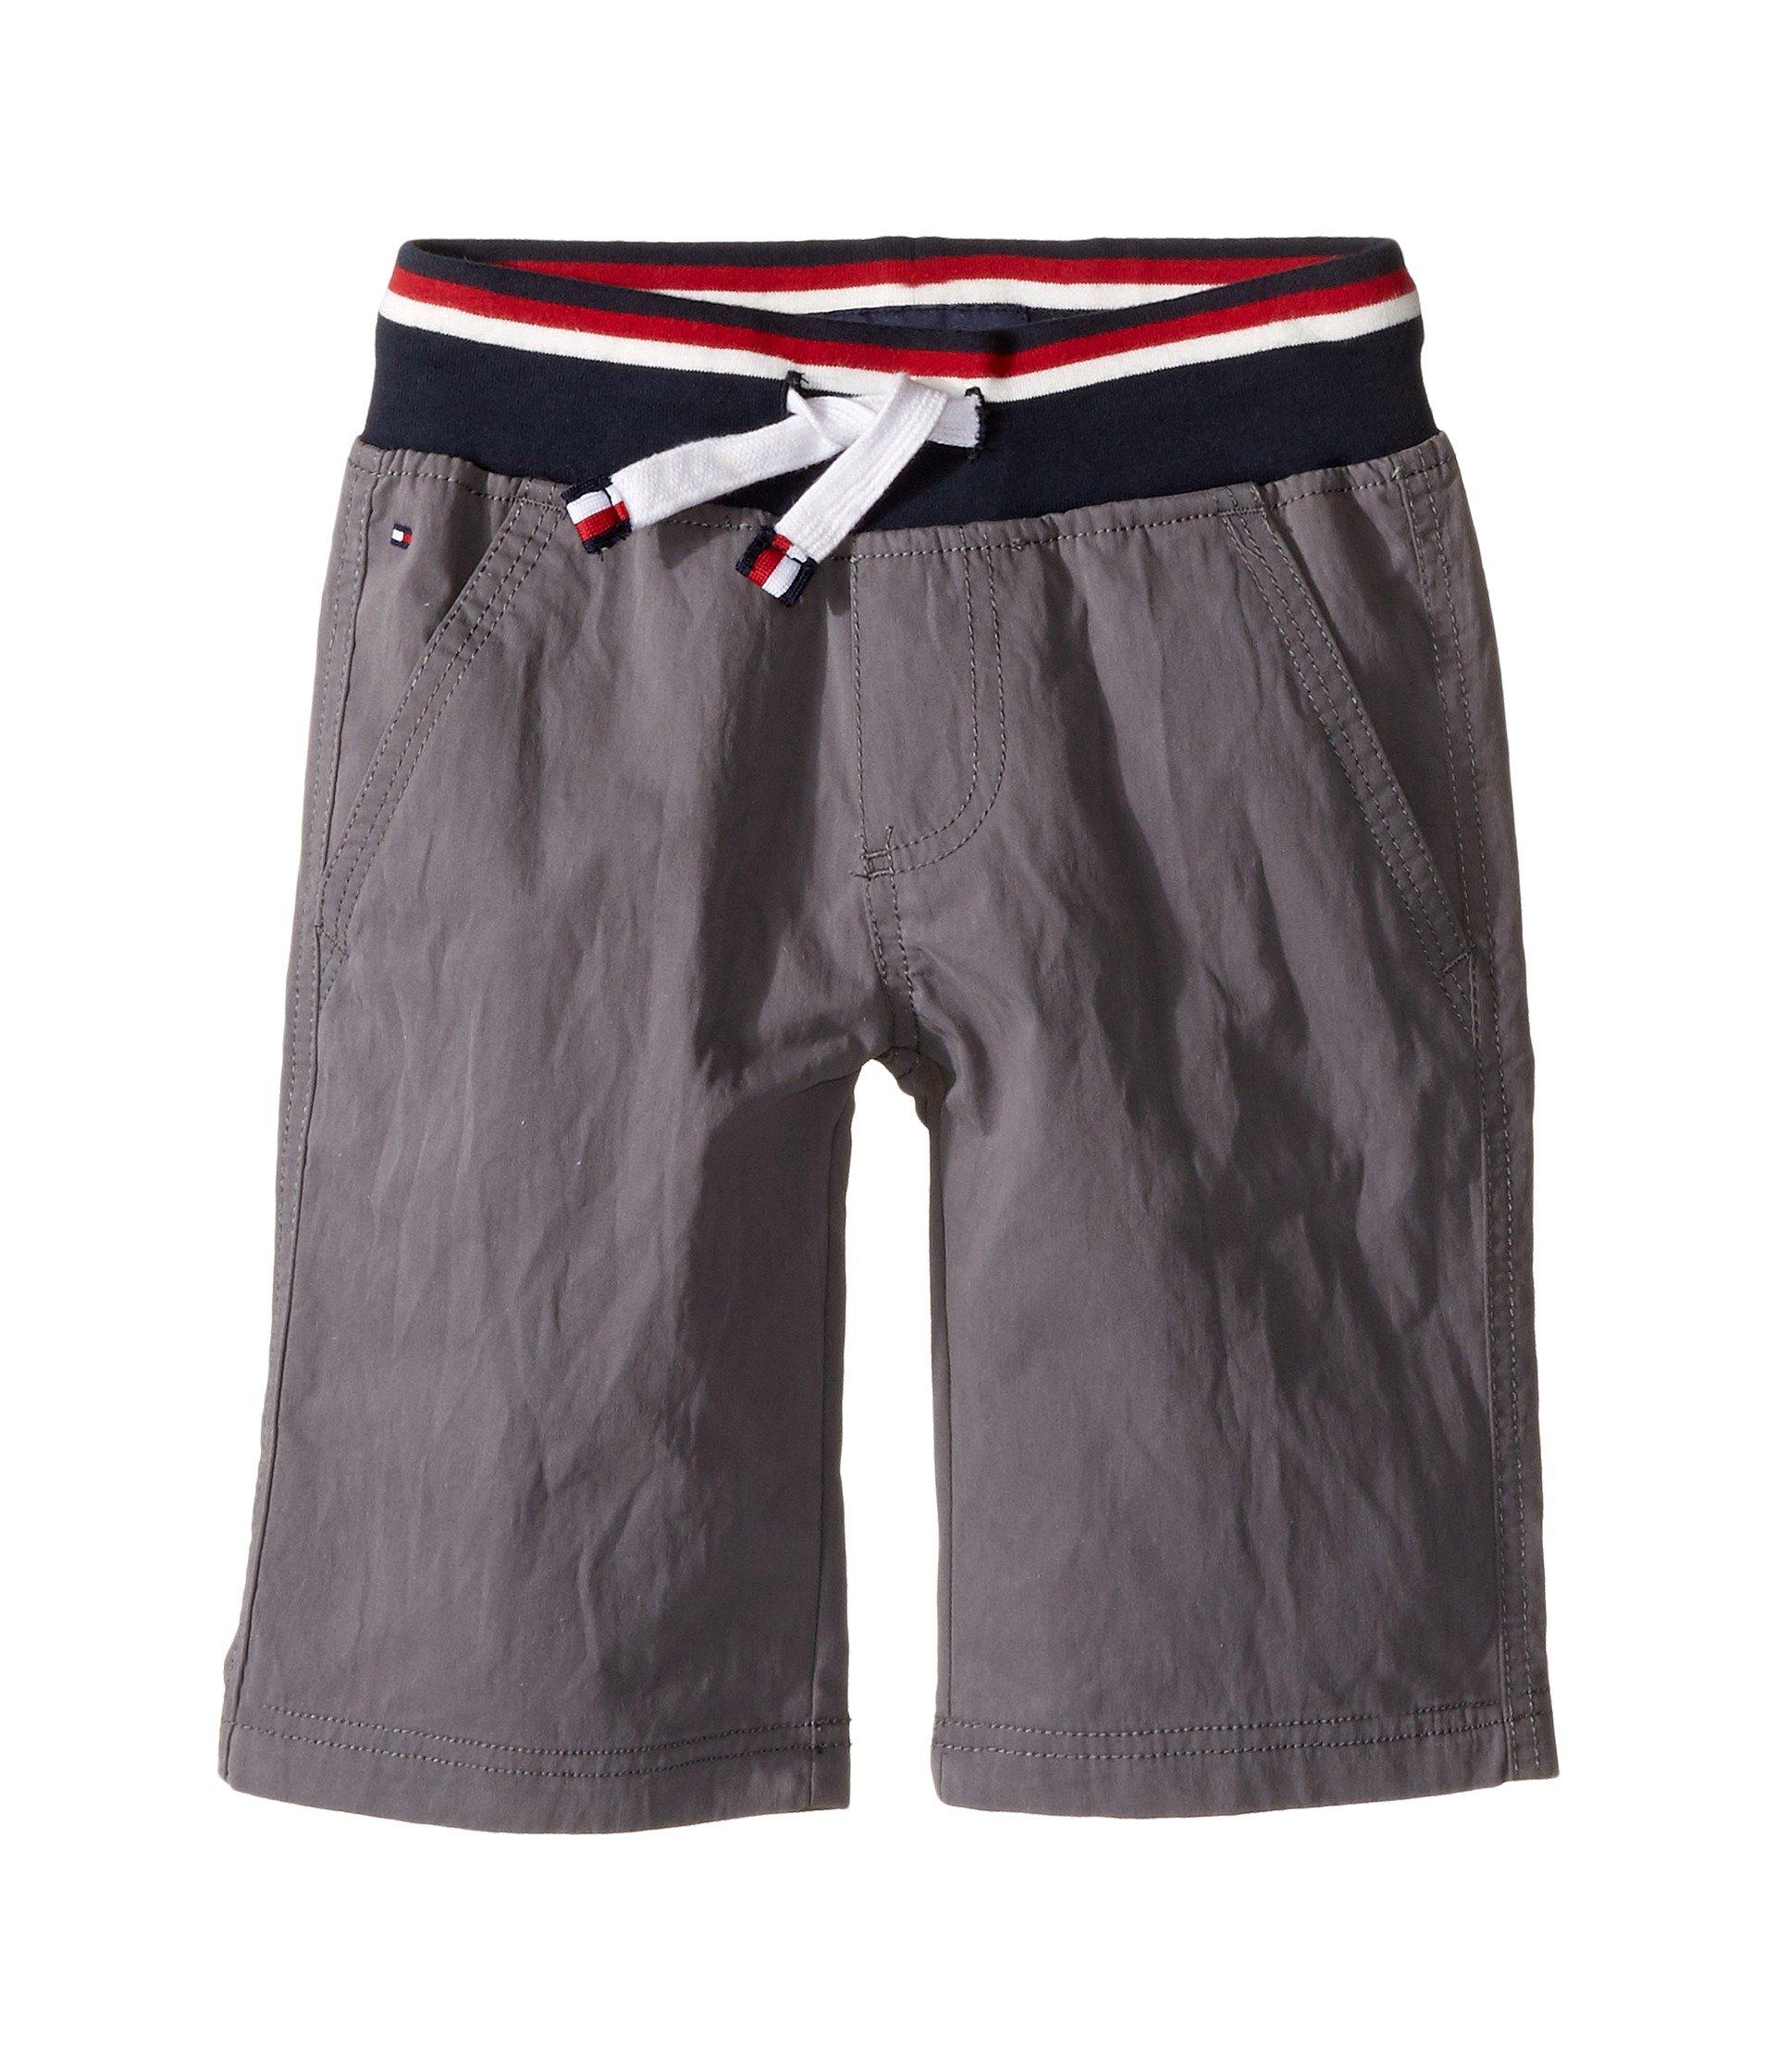 tommy hilfiger kids signature pull on shorts toddler little kids at 6pm. Black Bedroom Furniture Sets. Home Design Ideas